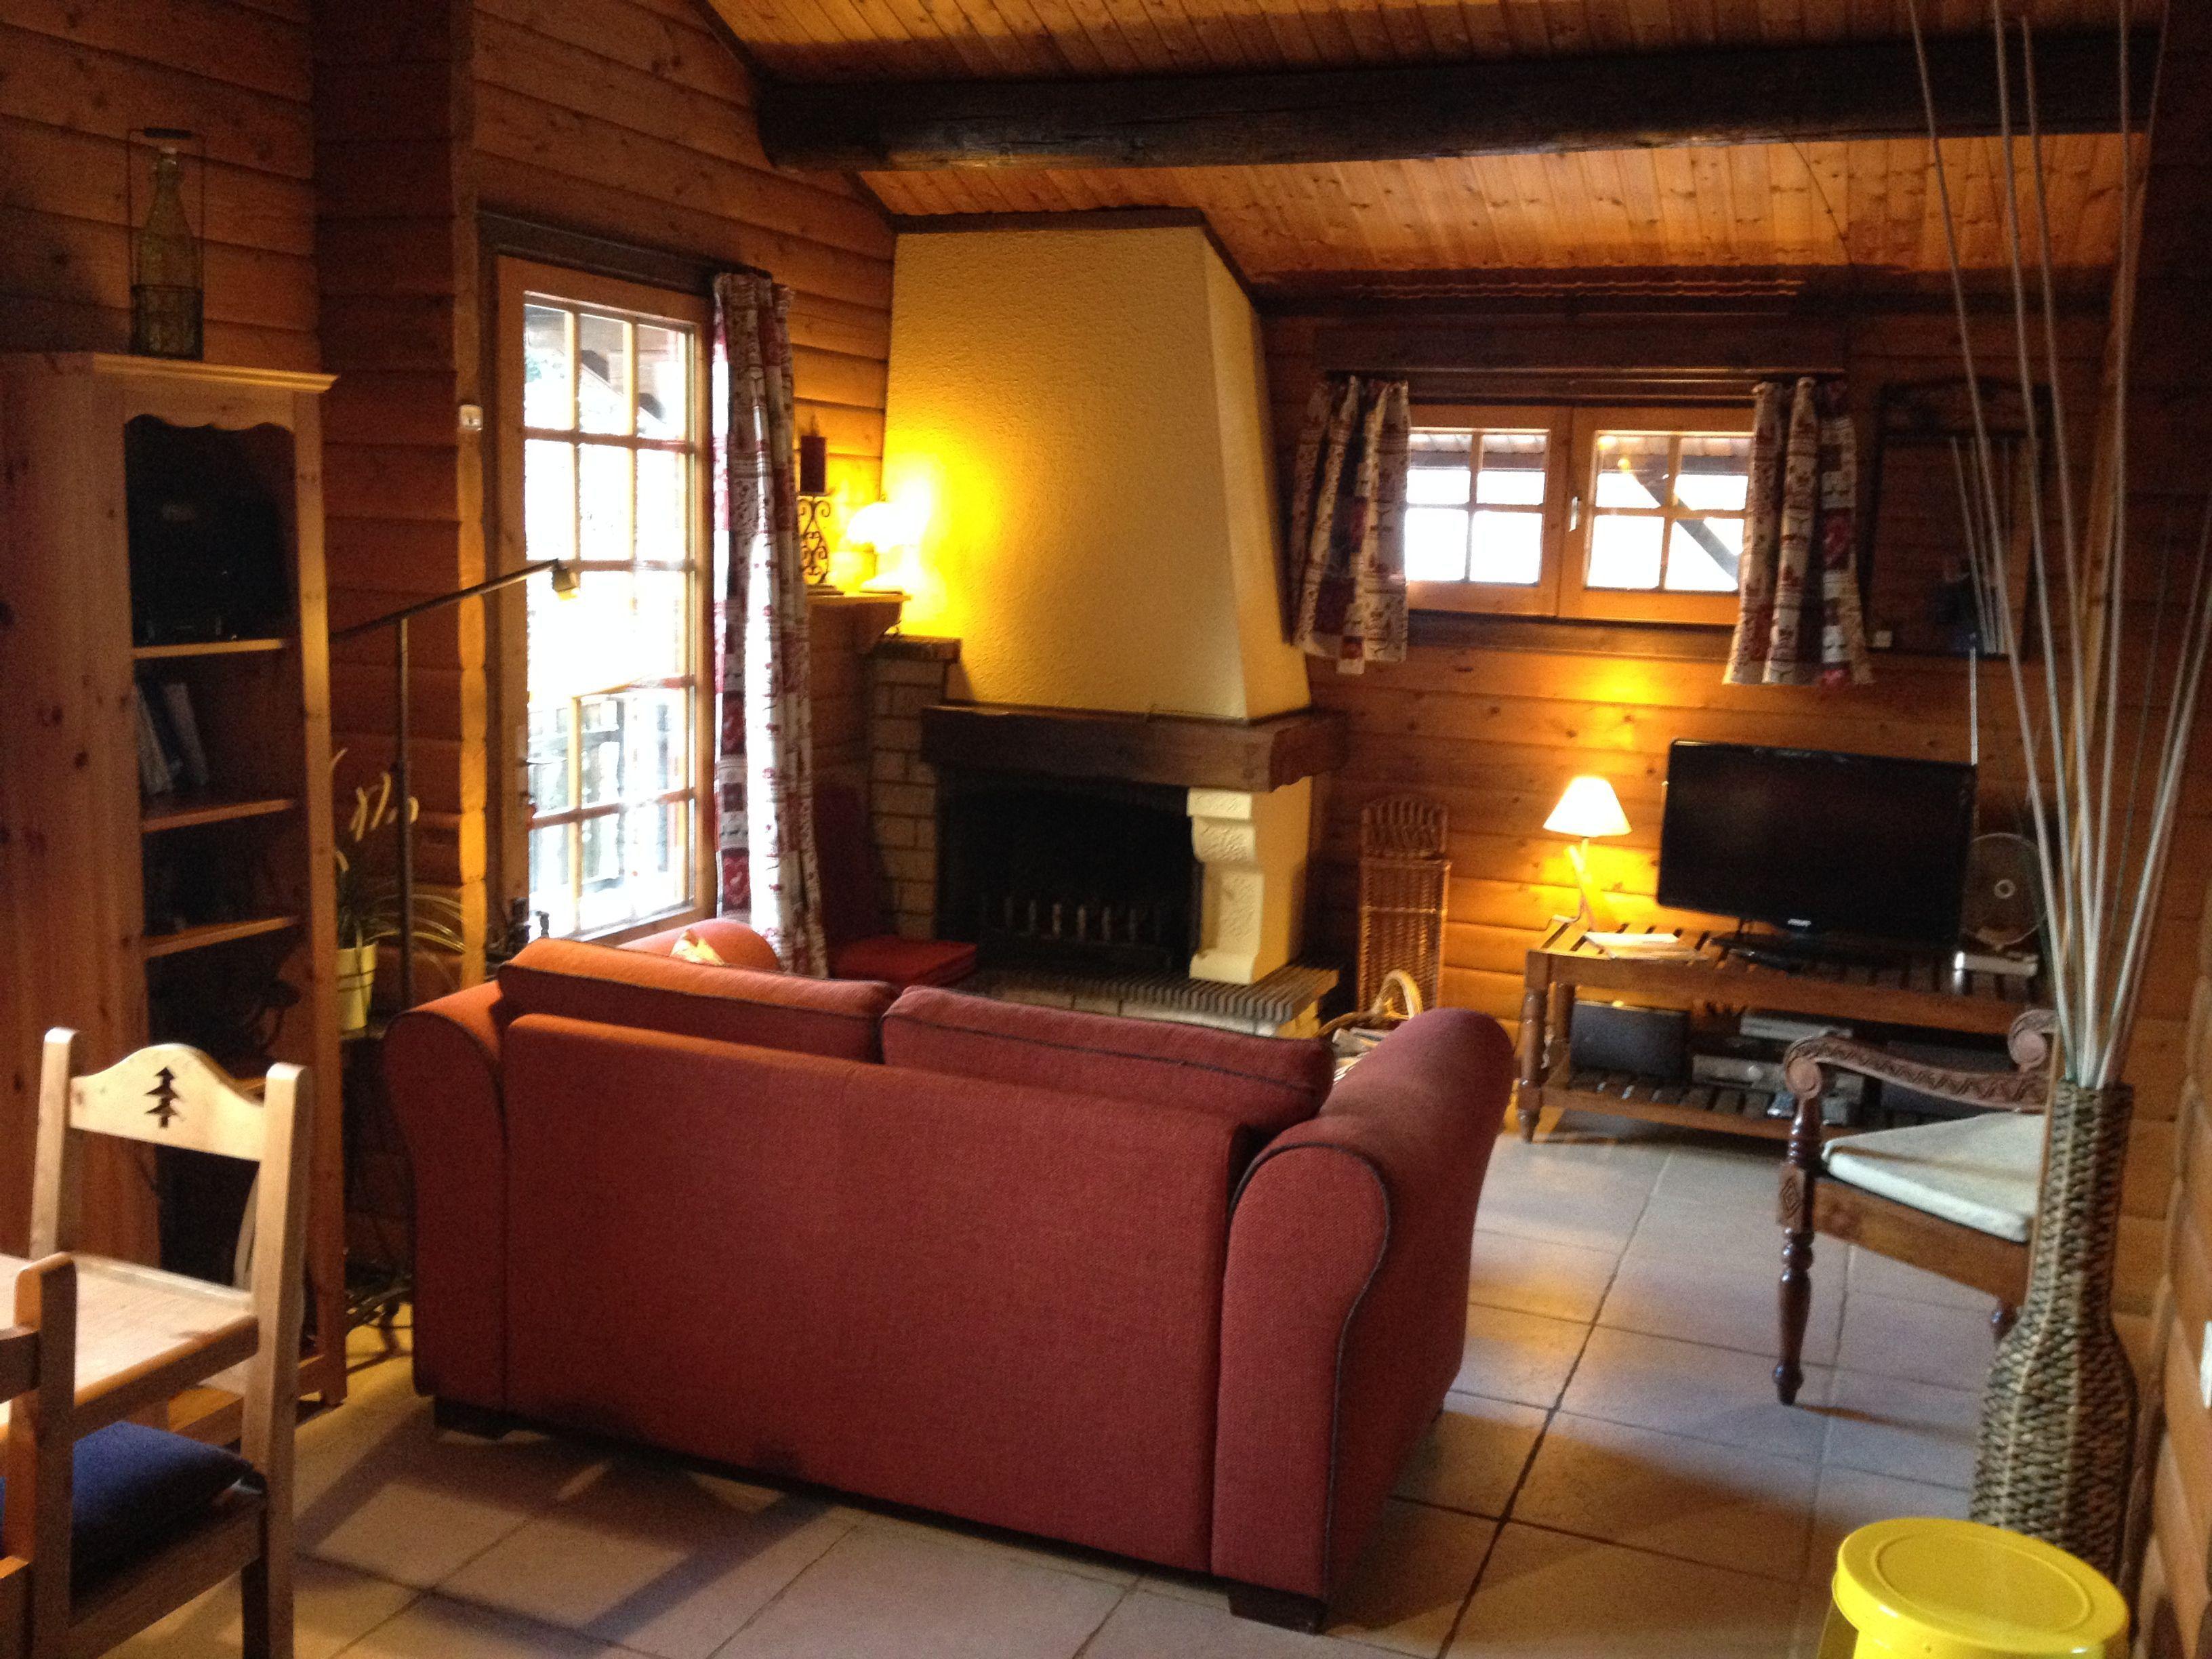 Location Chalet Gerardmer Vosges